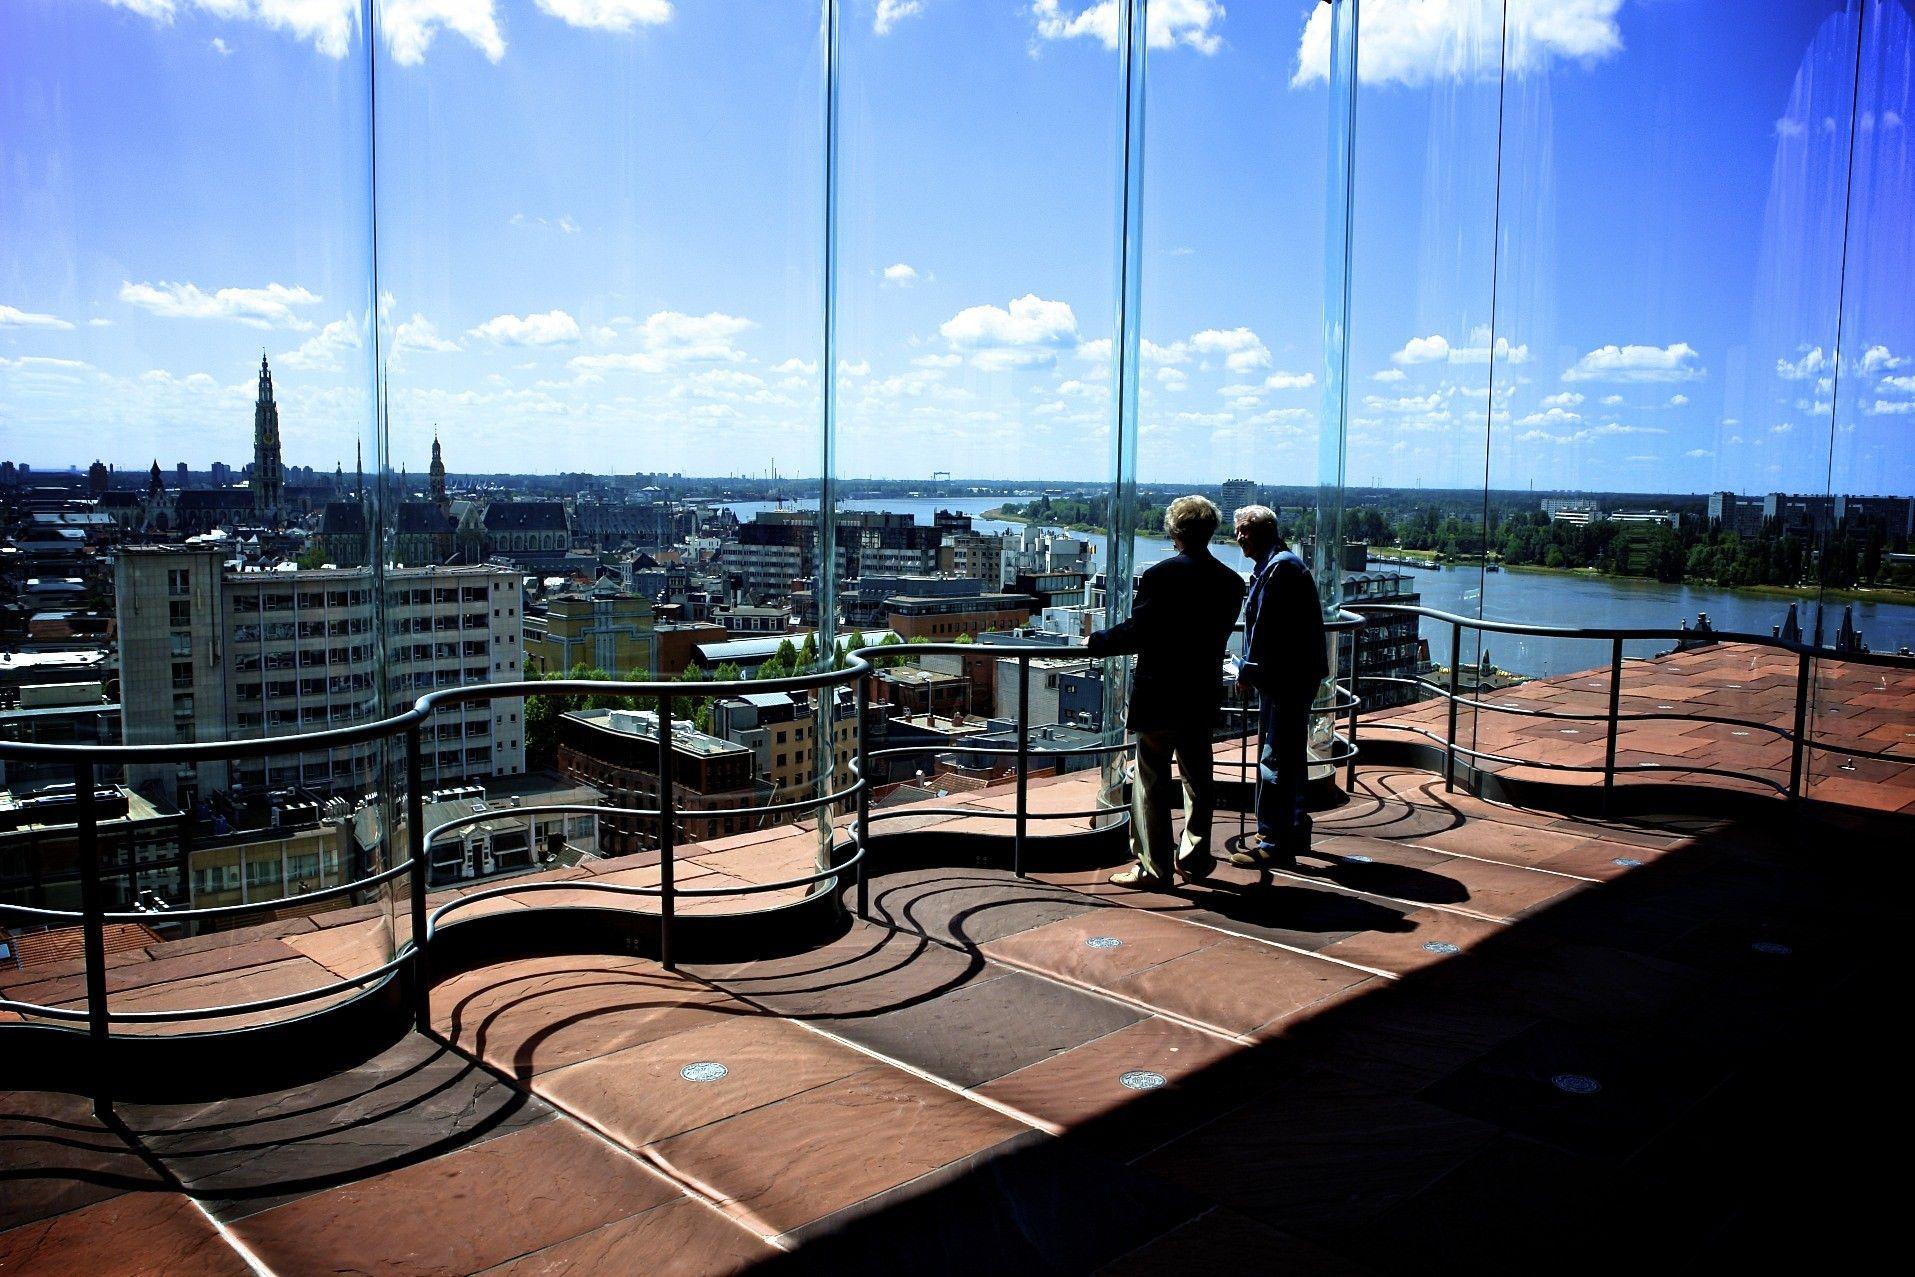 360 graden uitzicht over Antwerpen in het Museum aan de Stroom (MAS)